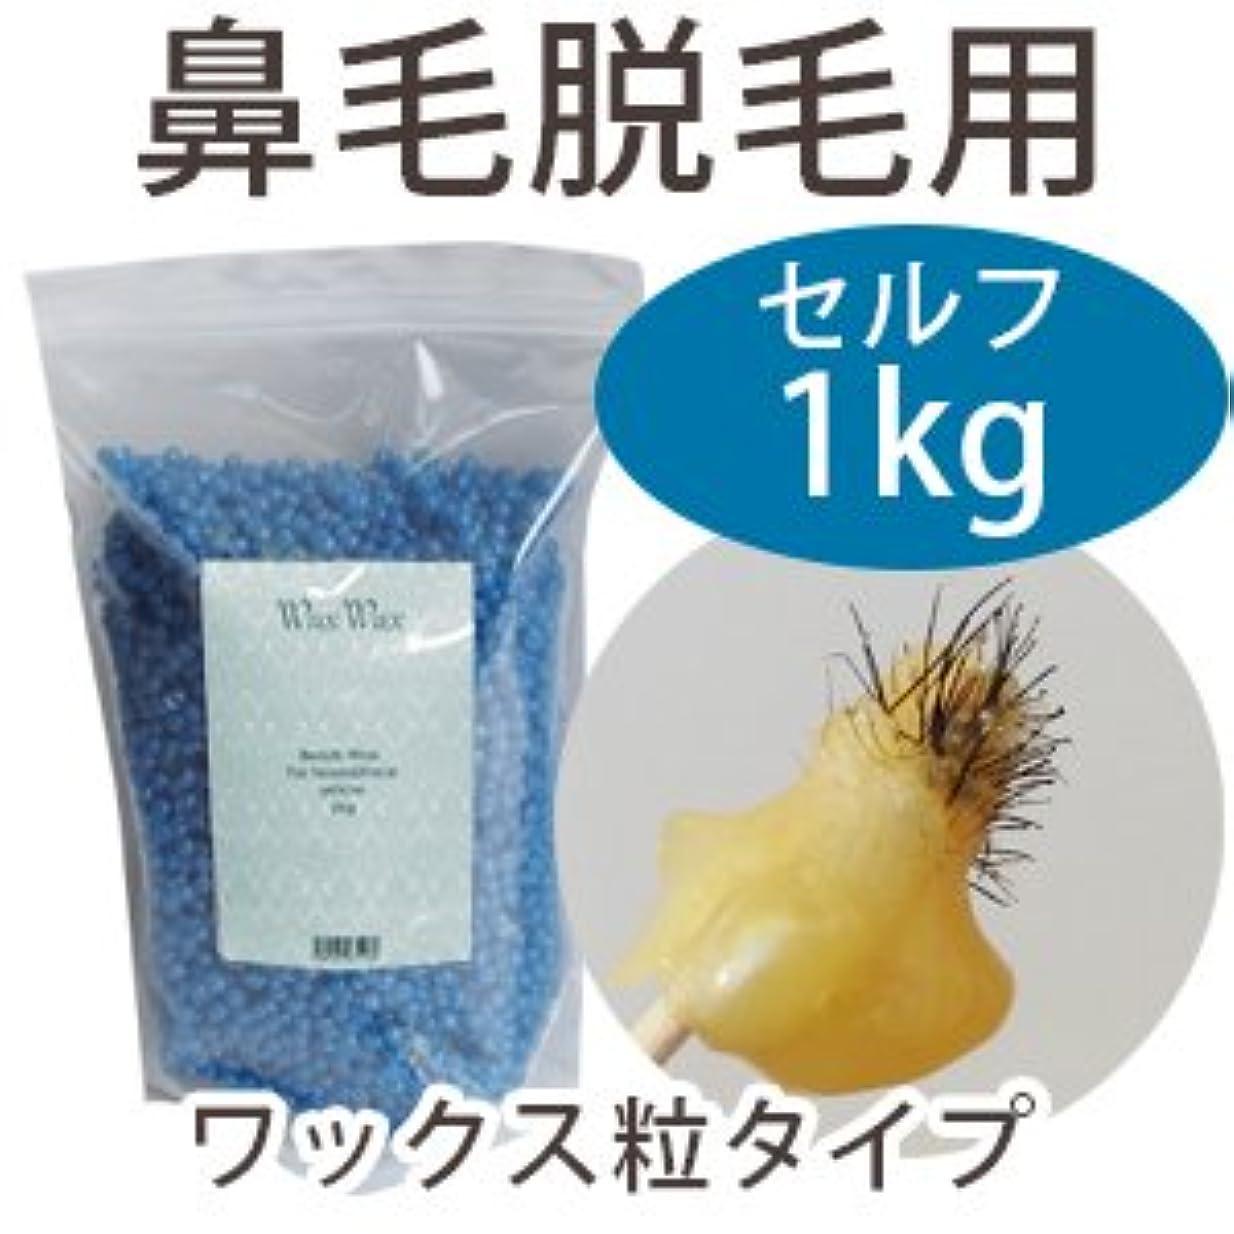 コンプリート真似るカビ鼻毛 産毛 脱毛 ビーズ ワックス (ブルー 1kg)